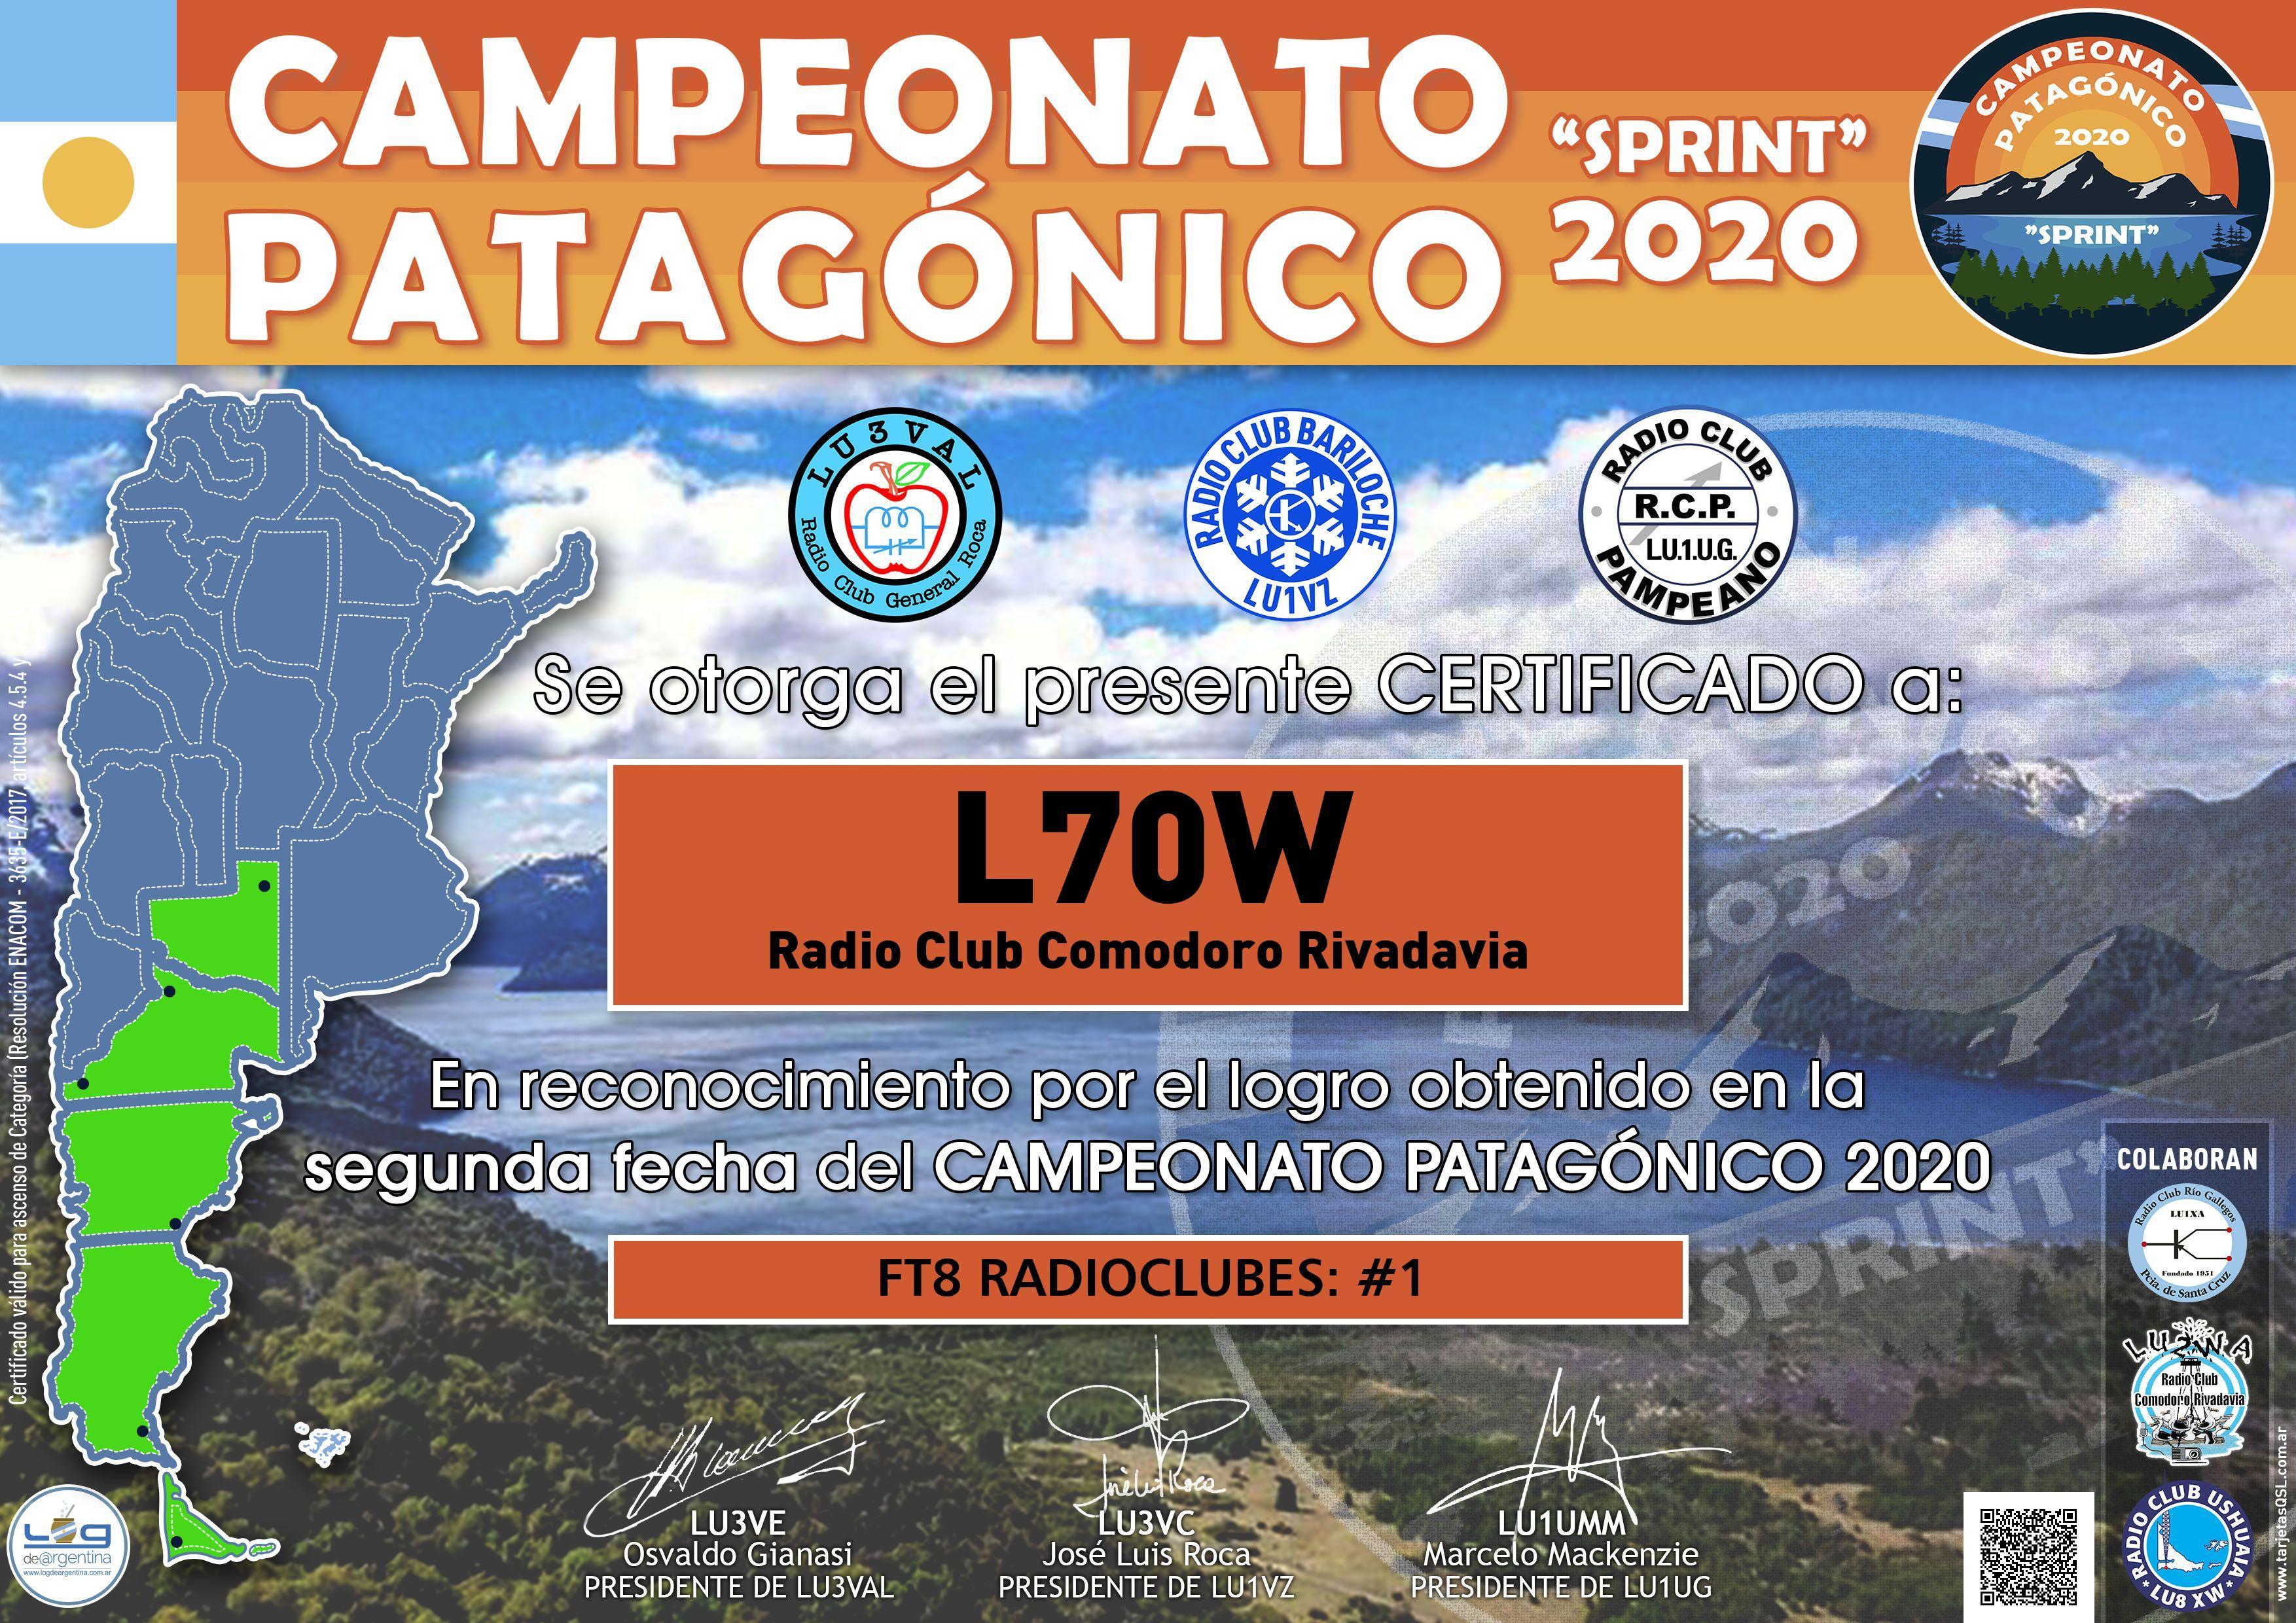 Resultados 2da. fecha Campeonato Patagónico 2020